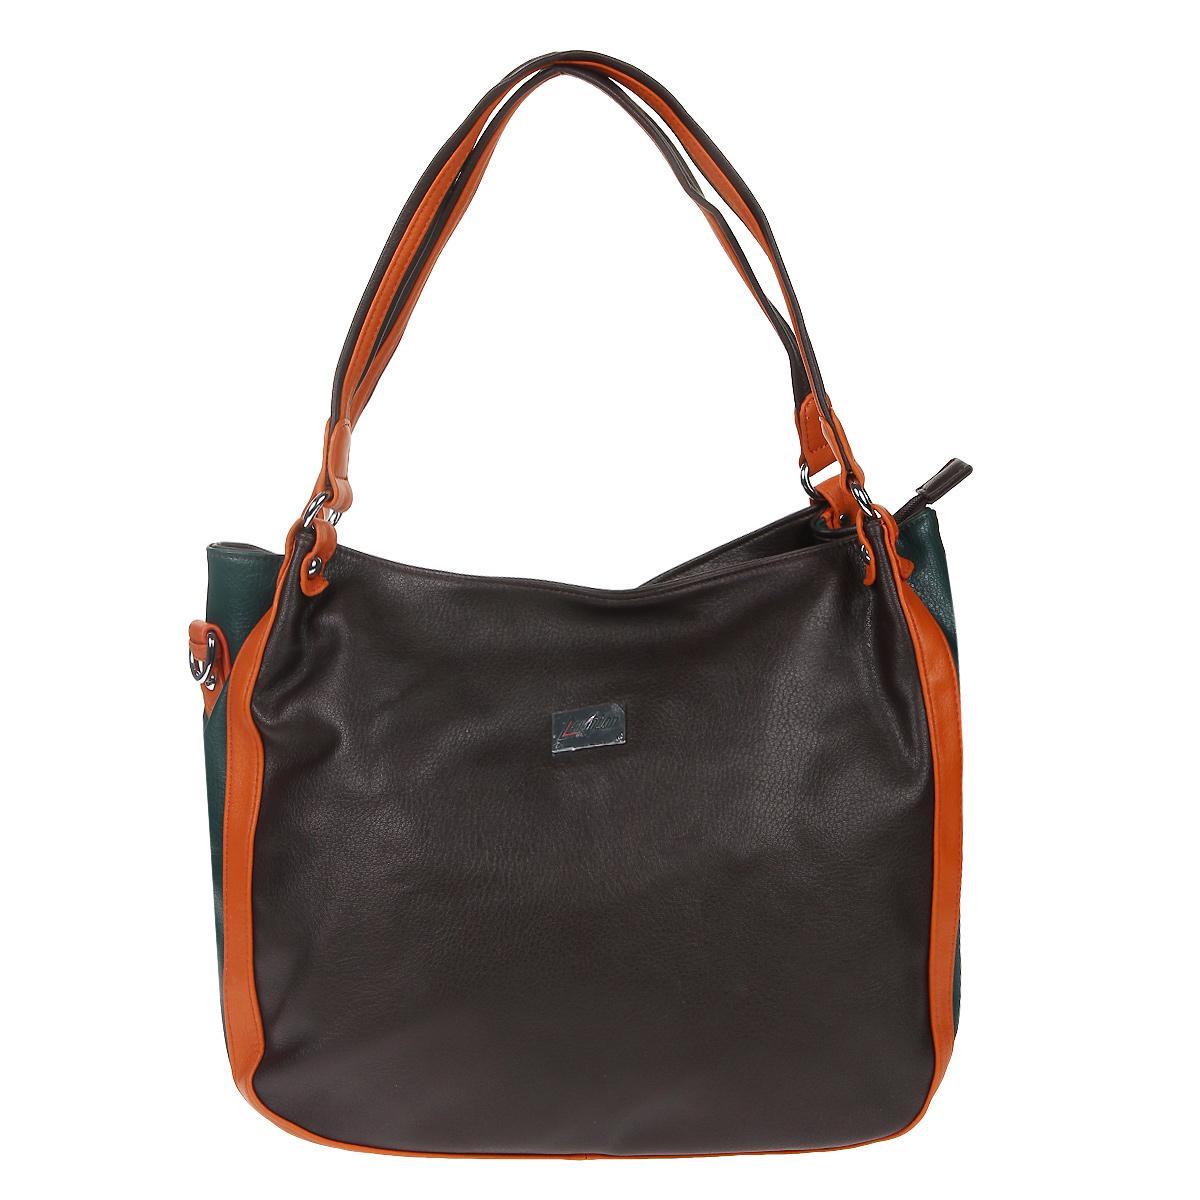 Сумка женская Leighton, цвет: коричневый, оранжевый, зеленый. 76602-14976602-149/2/149/5/149/19Модная женская сумка Leighton изготовлена из искусственной кожи и исполнена в трех цветах. Модель оформлена спереди металлической пластиной с гравировкой в виде логотипа бренда. Изделие закрывается на застежку-молнию. Внутри - одно вместительное отделение, разделенное средником, два накладных кармана для мелочей, телефона и врезной карман на застежке-молнии. На тыльной стороне расположен карман на застежке-молнии. Фурнитура - серебряного цвета. Дно оформлено металлическими ножками. В комплекте с сумкой идет плечевой съемный ремень на карабинах, регулируемый по длине. Изделие упаковано в фирменный чехол. Цветовое сочетание, стильная фактура кожи и модный дизайн сумки не оставят равнодушной ни одну представительницу прекрасной половины человечества.